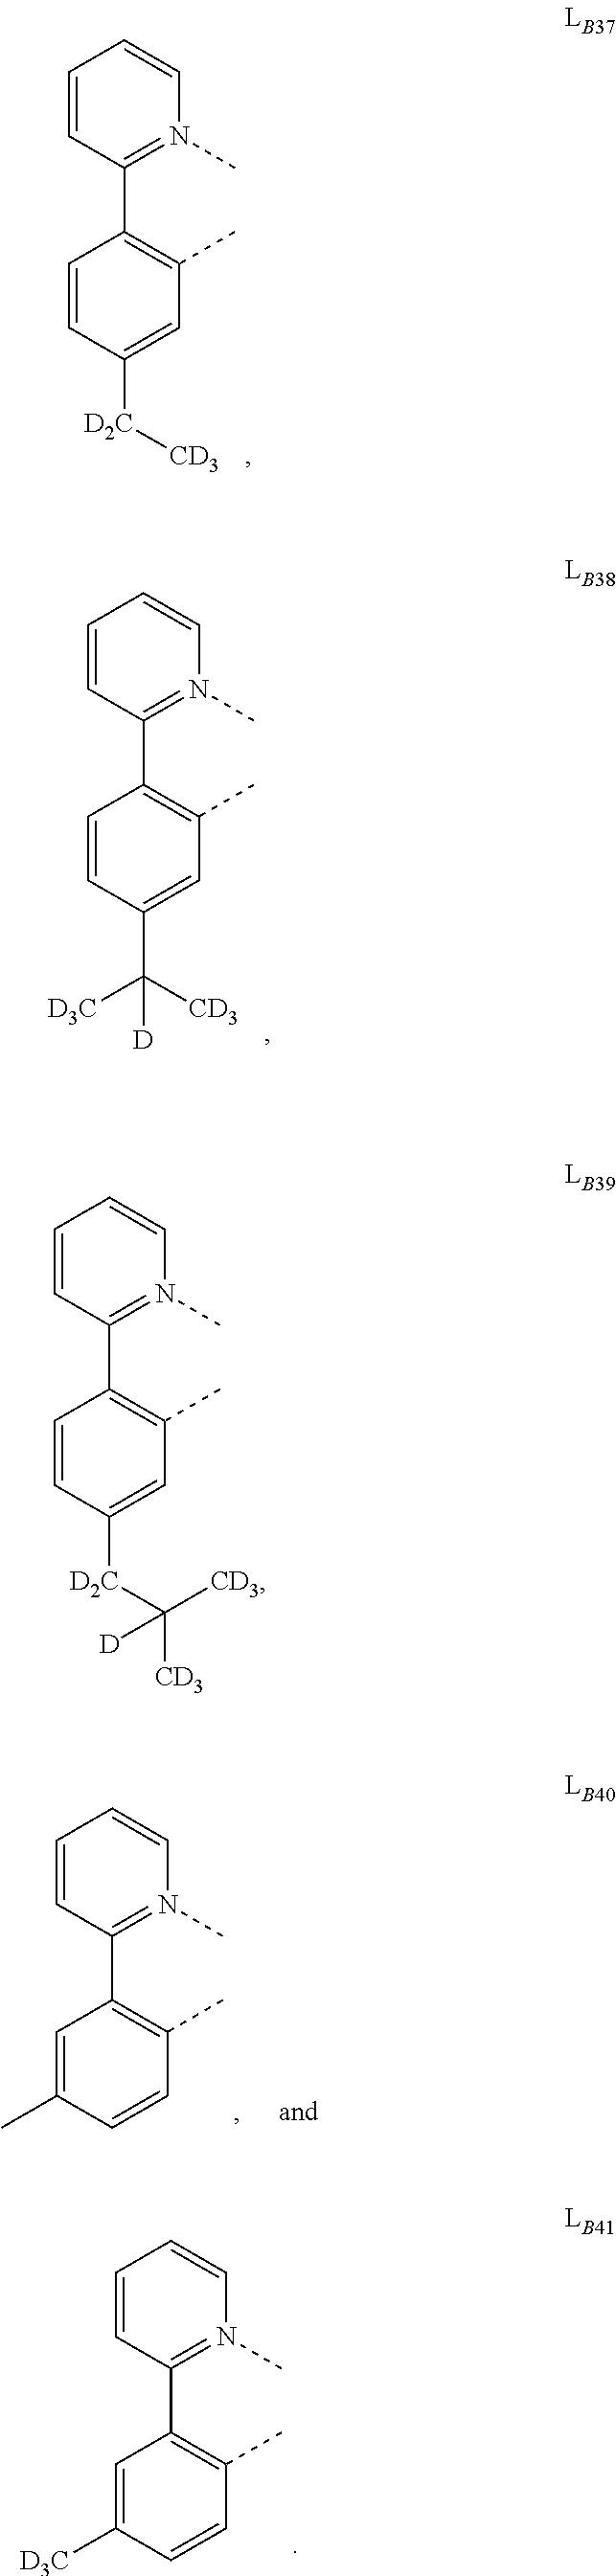 Figure US09691993-20170627-C00310